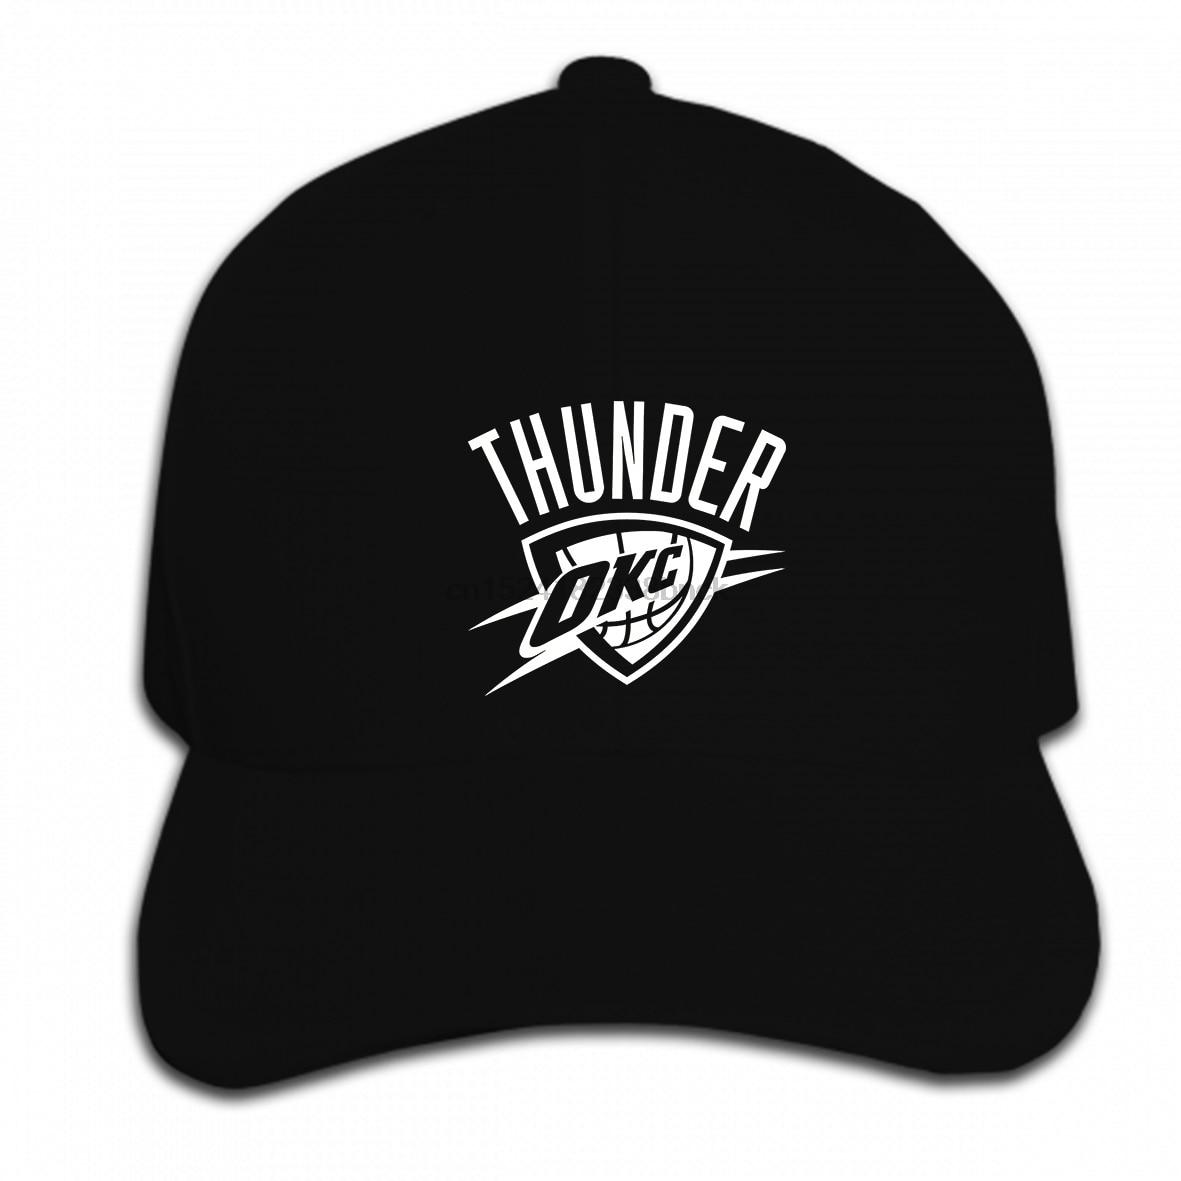 aad8ccb0e4f Impression Personnalisée Casquette de Baseball Hip Hop OKC Noir Ventilateur  Oklahoma City Russell Thunder Chapeau casquette